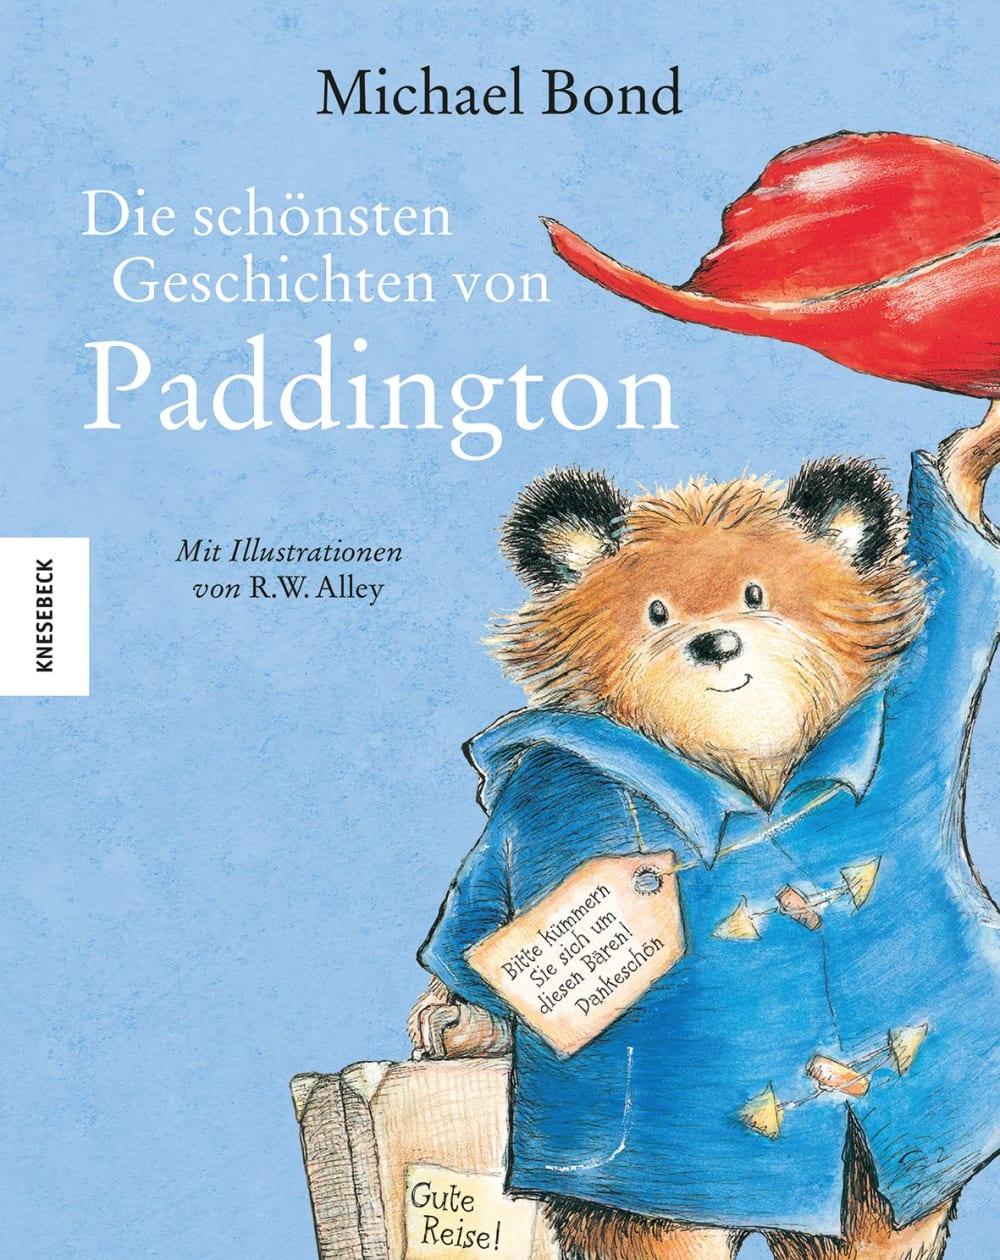 »Die schönsten Geschichten von Paddington« – KNESEBECK